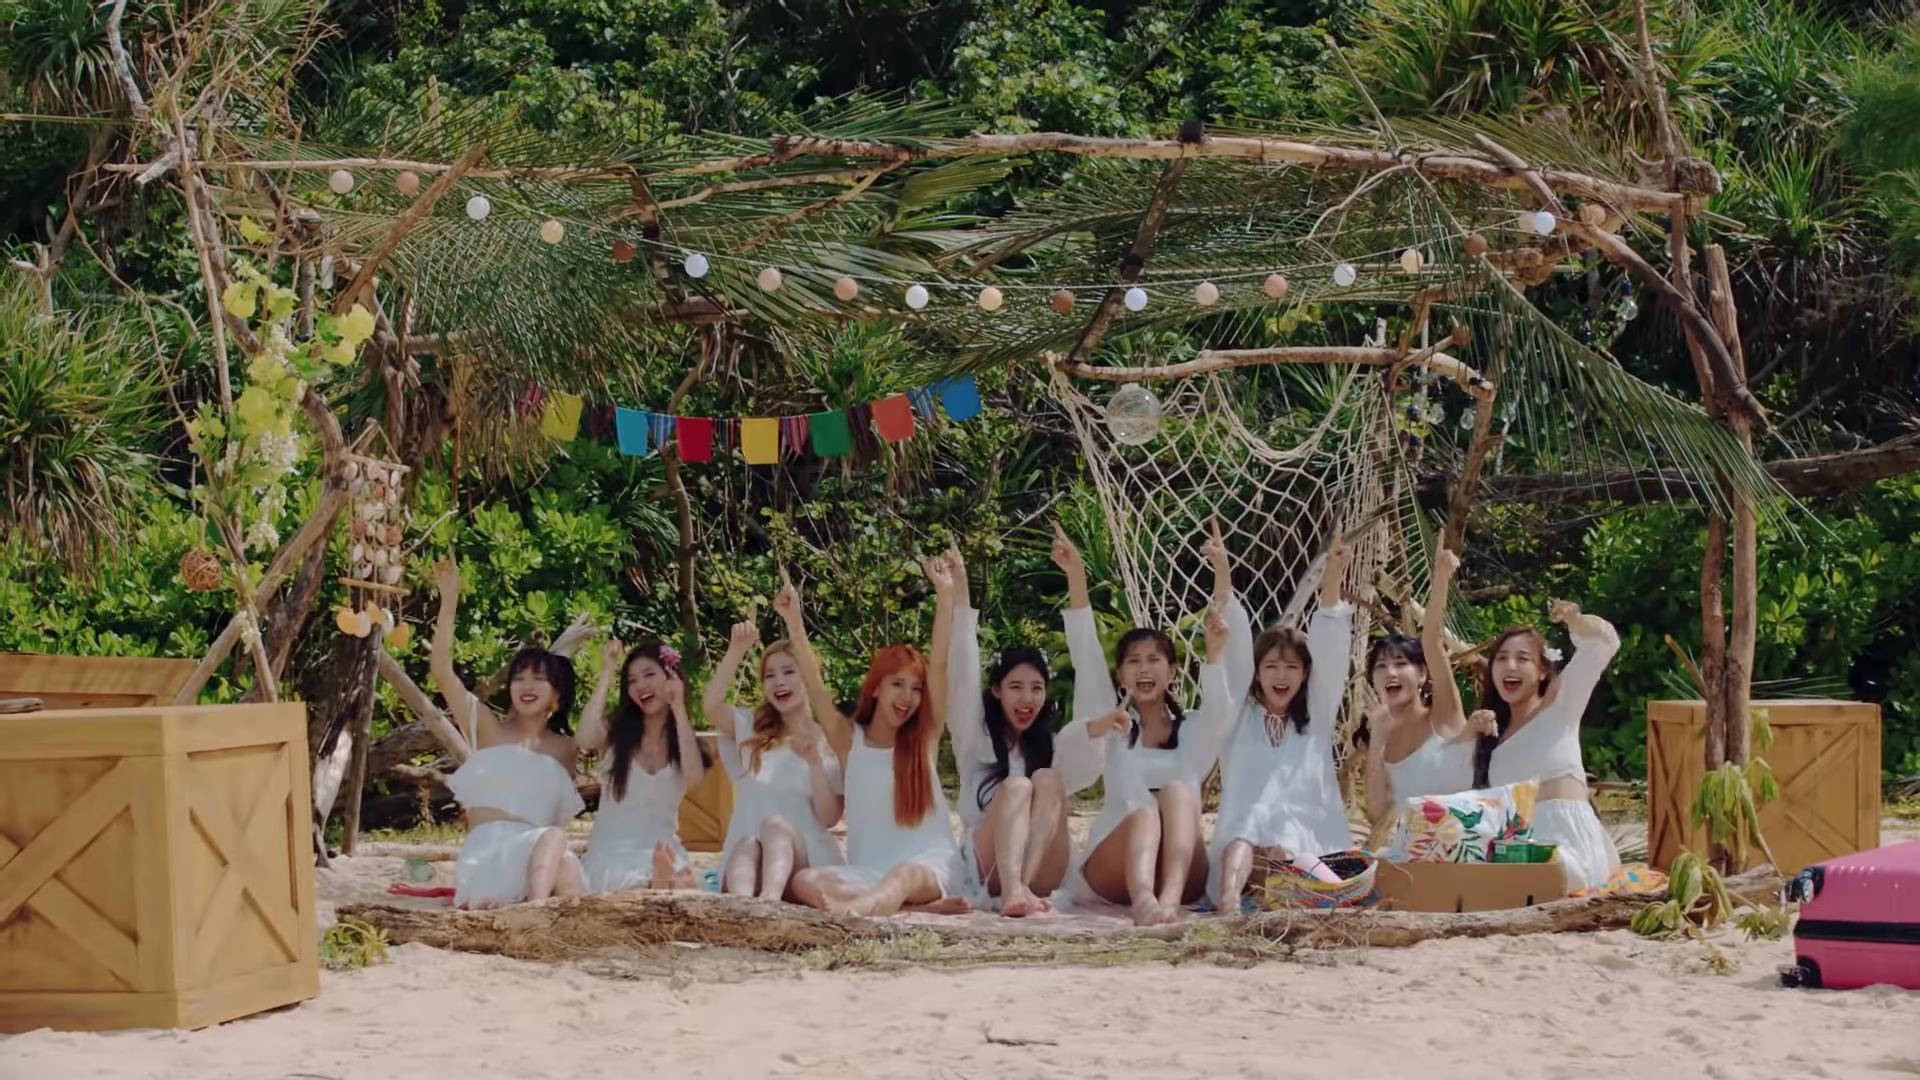 2018년 7월 둘째 주 주간 아이돌 노래 리뷰 - 내 ...